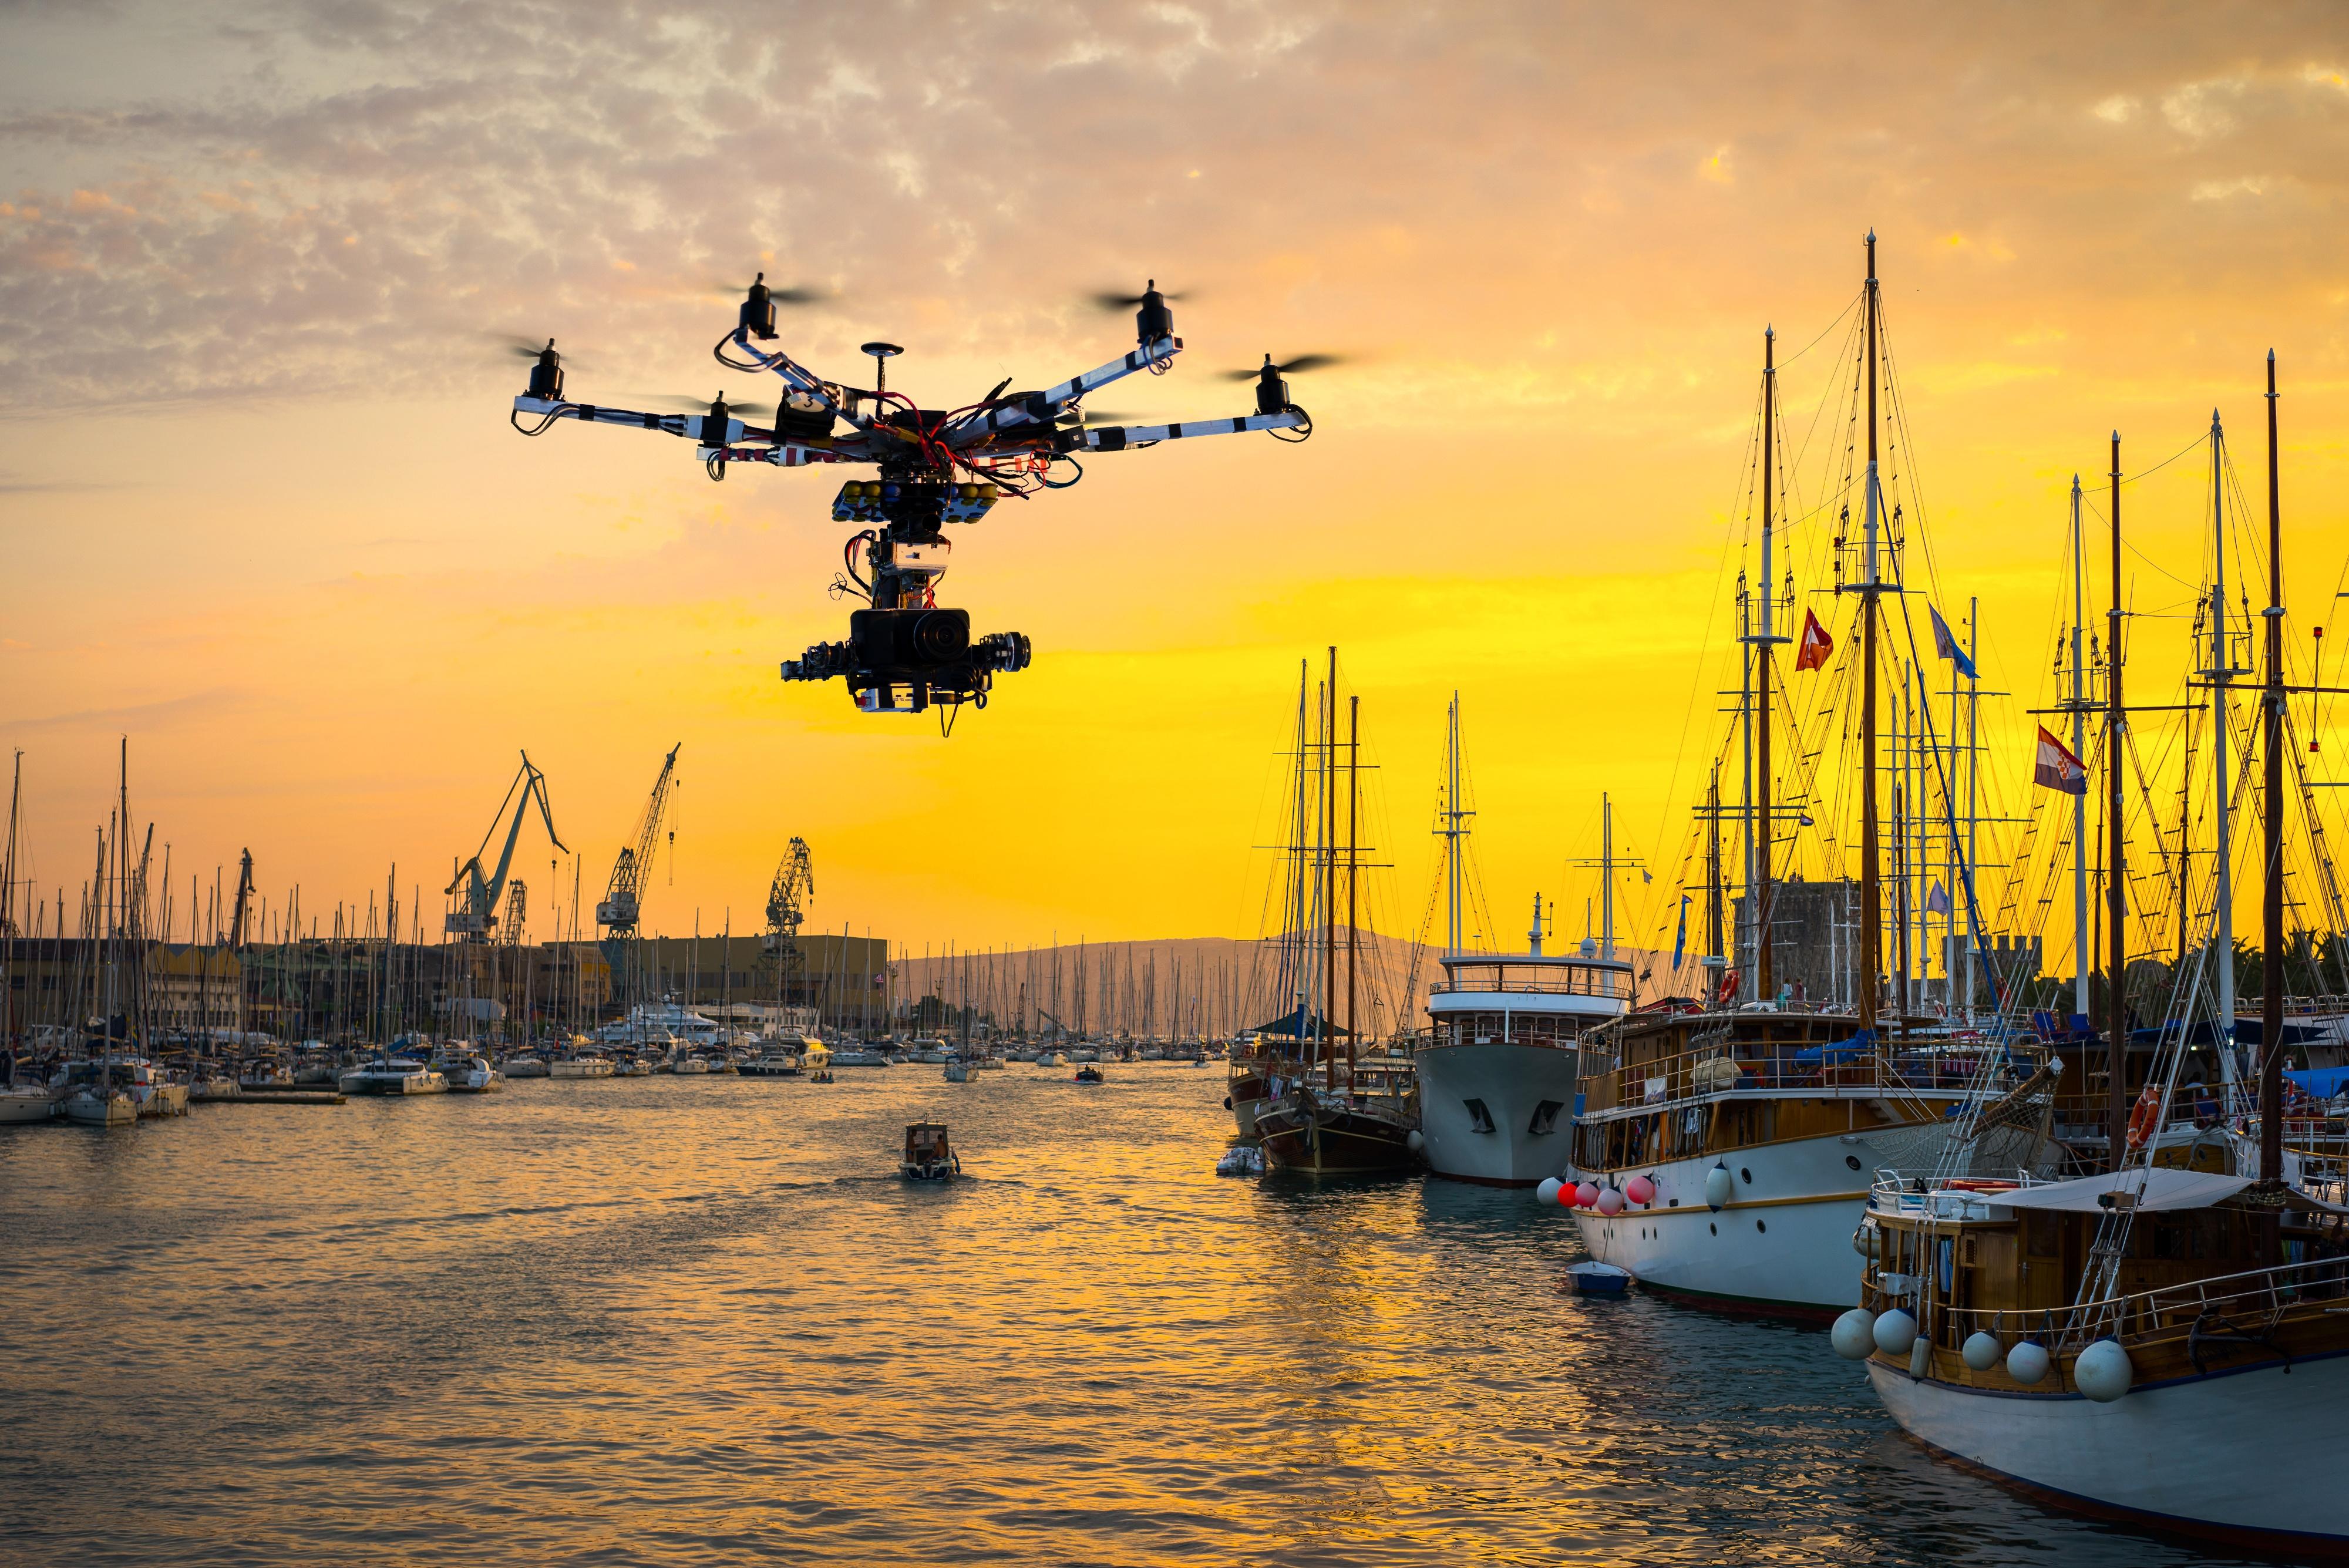 UAV over harbor  shutterstock_368306486.jpg